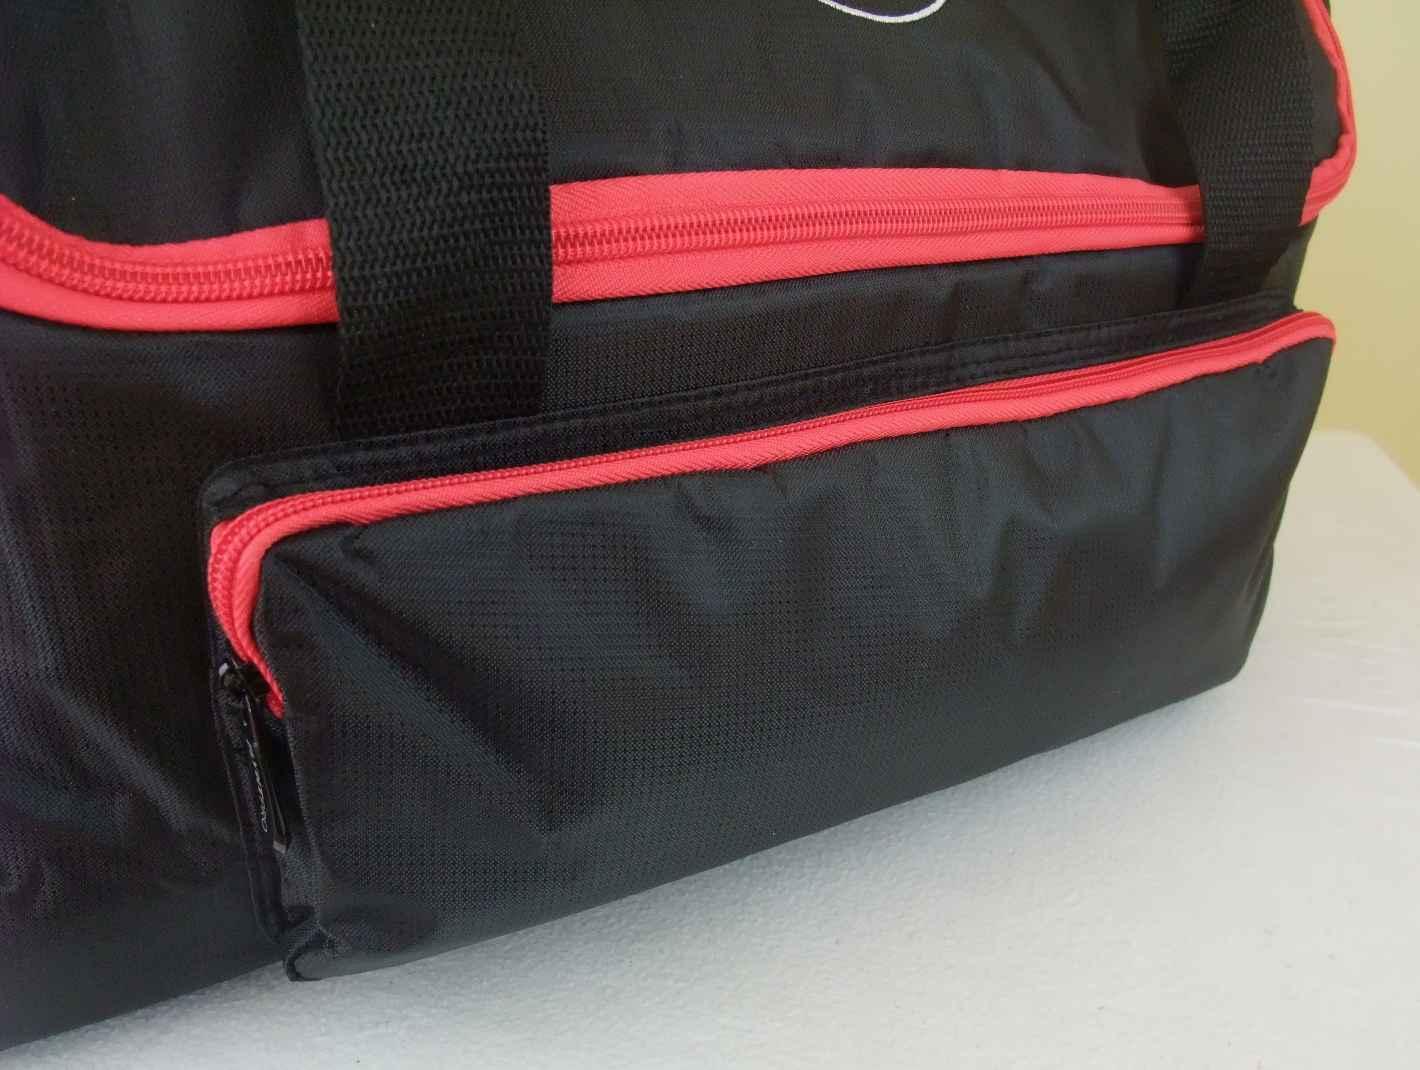 Gorilla GAC425 Universal Transporttasche 108x16x16 cm Tragetasche Werkzeugtasche